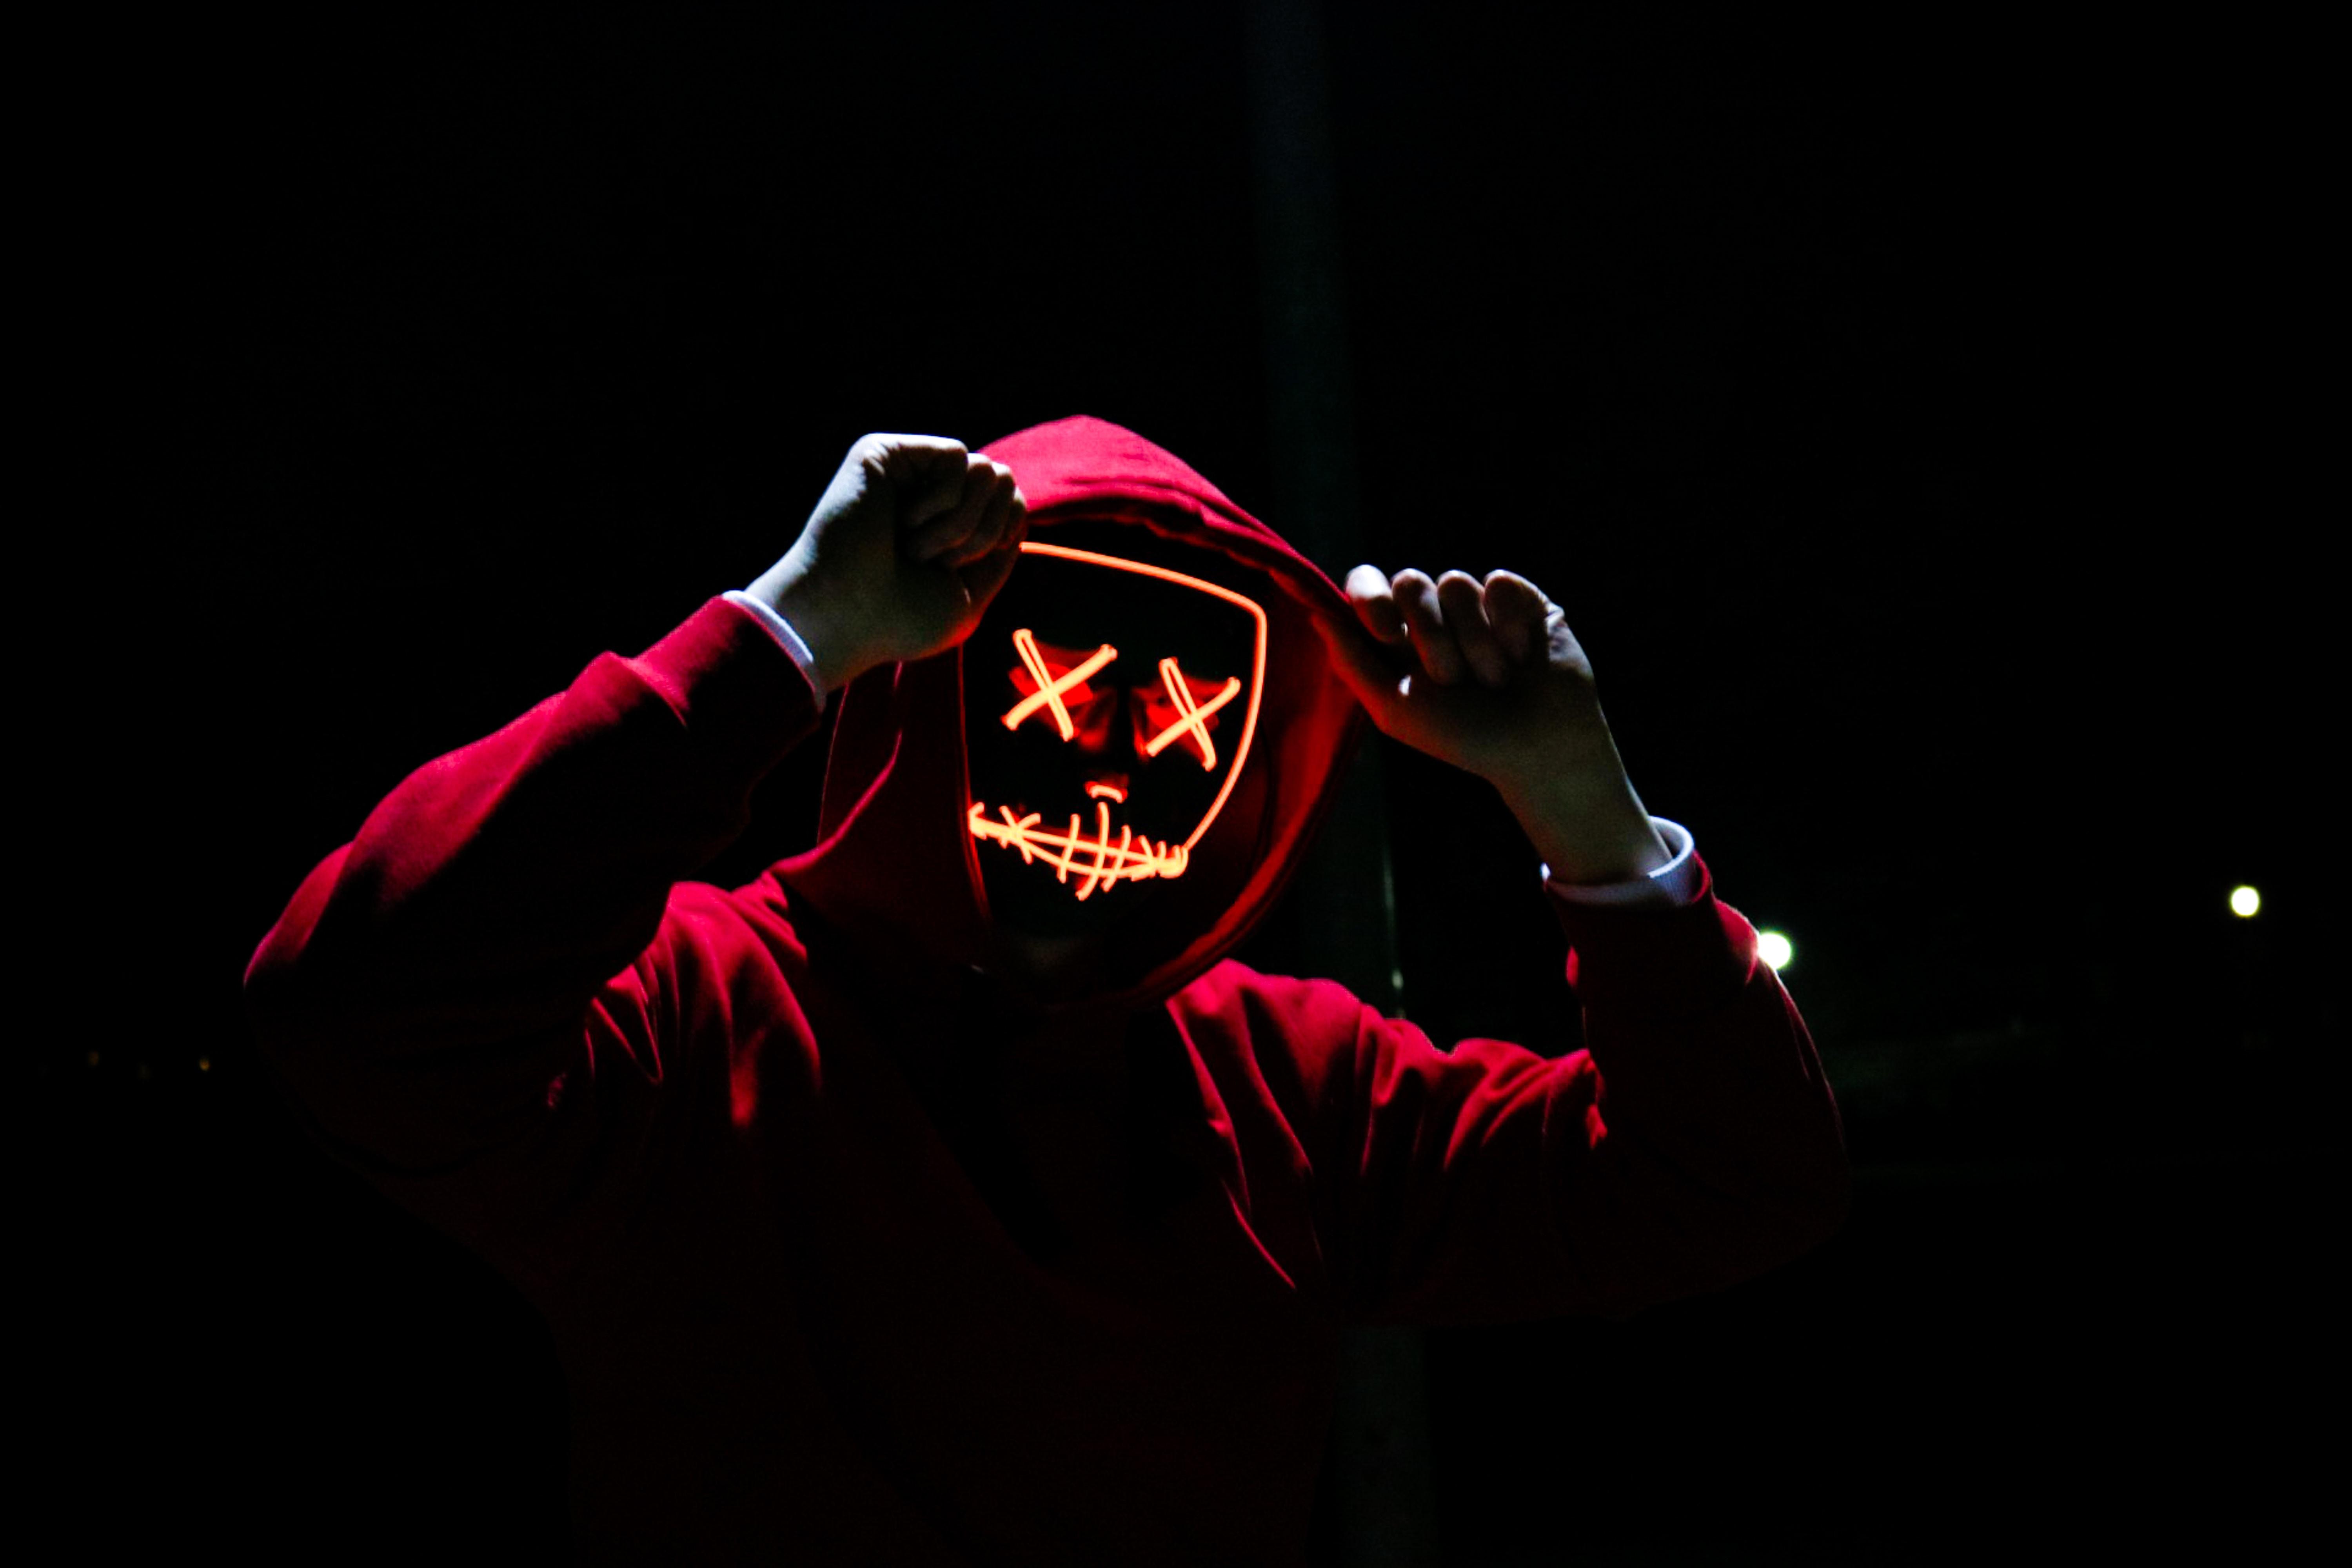 man wearing red hoodie